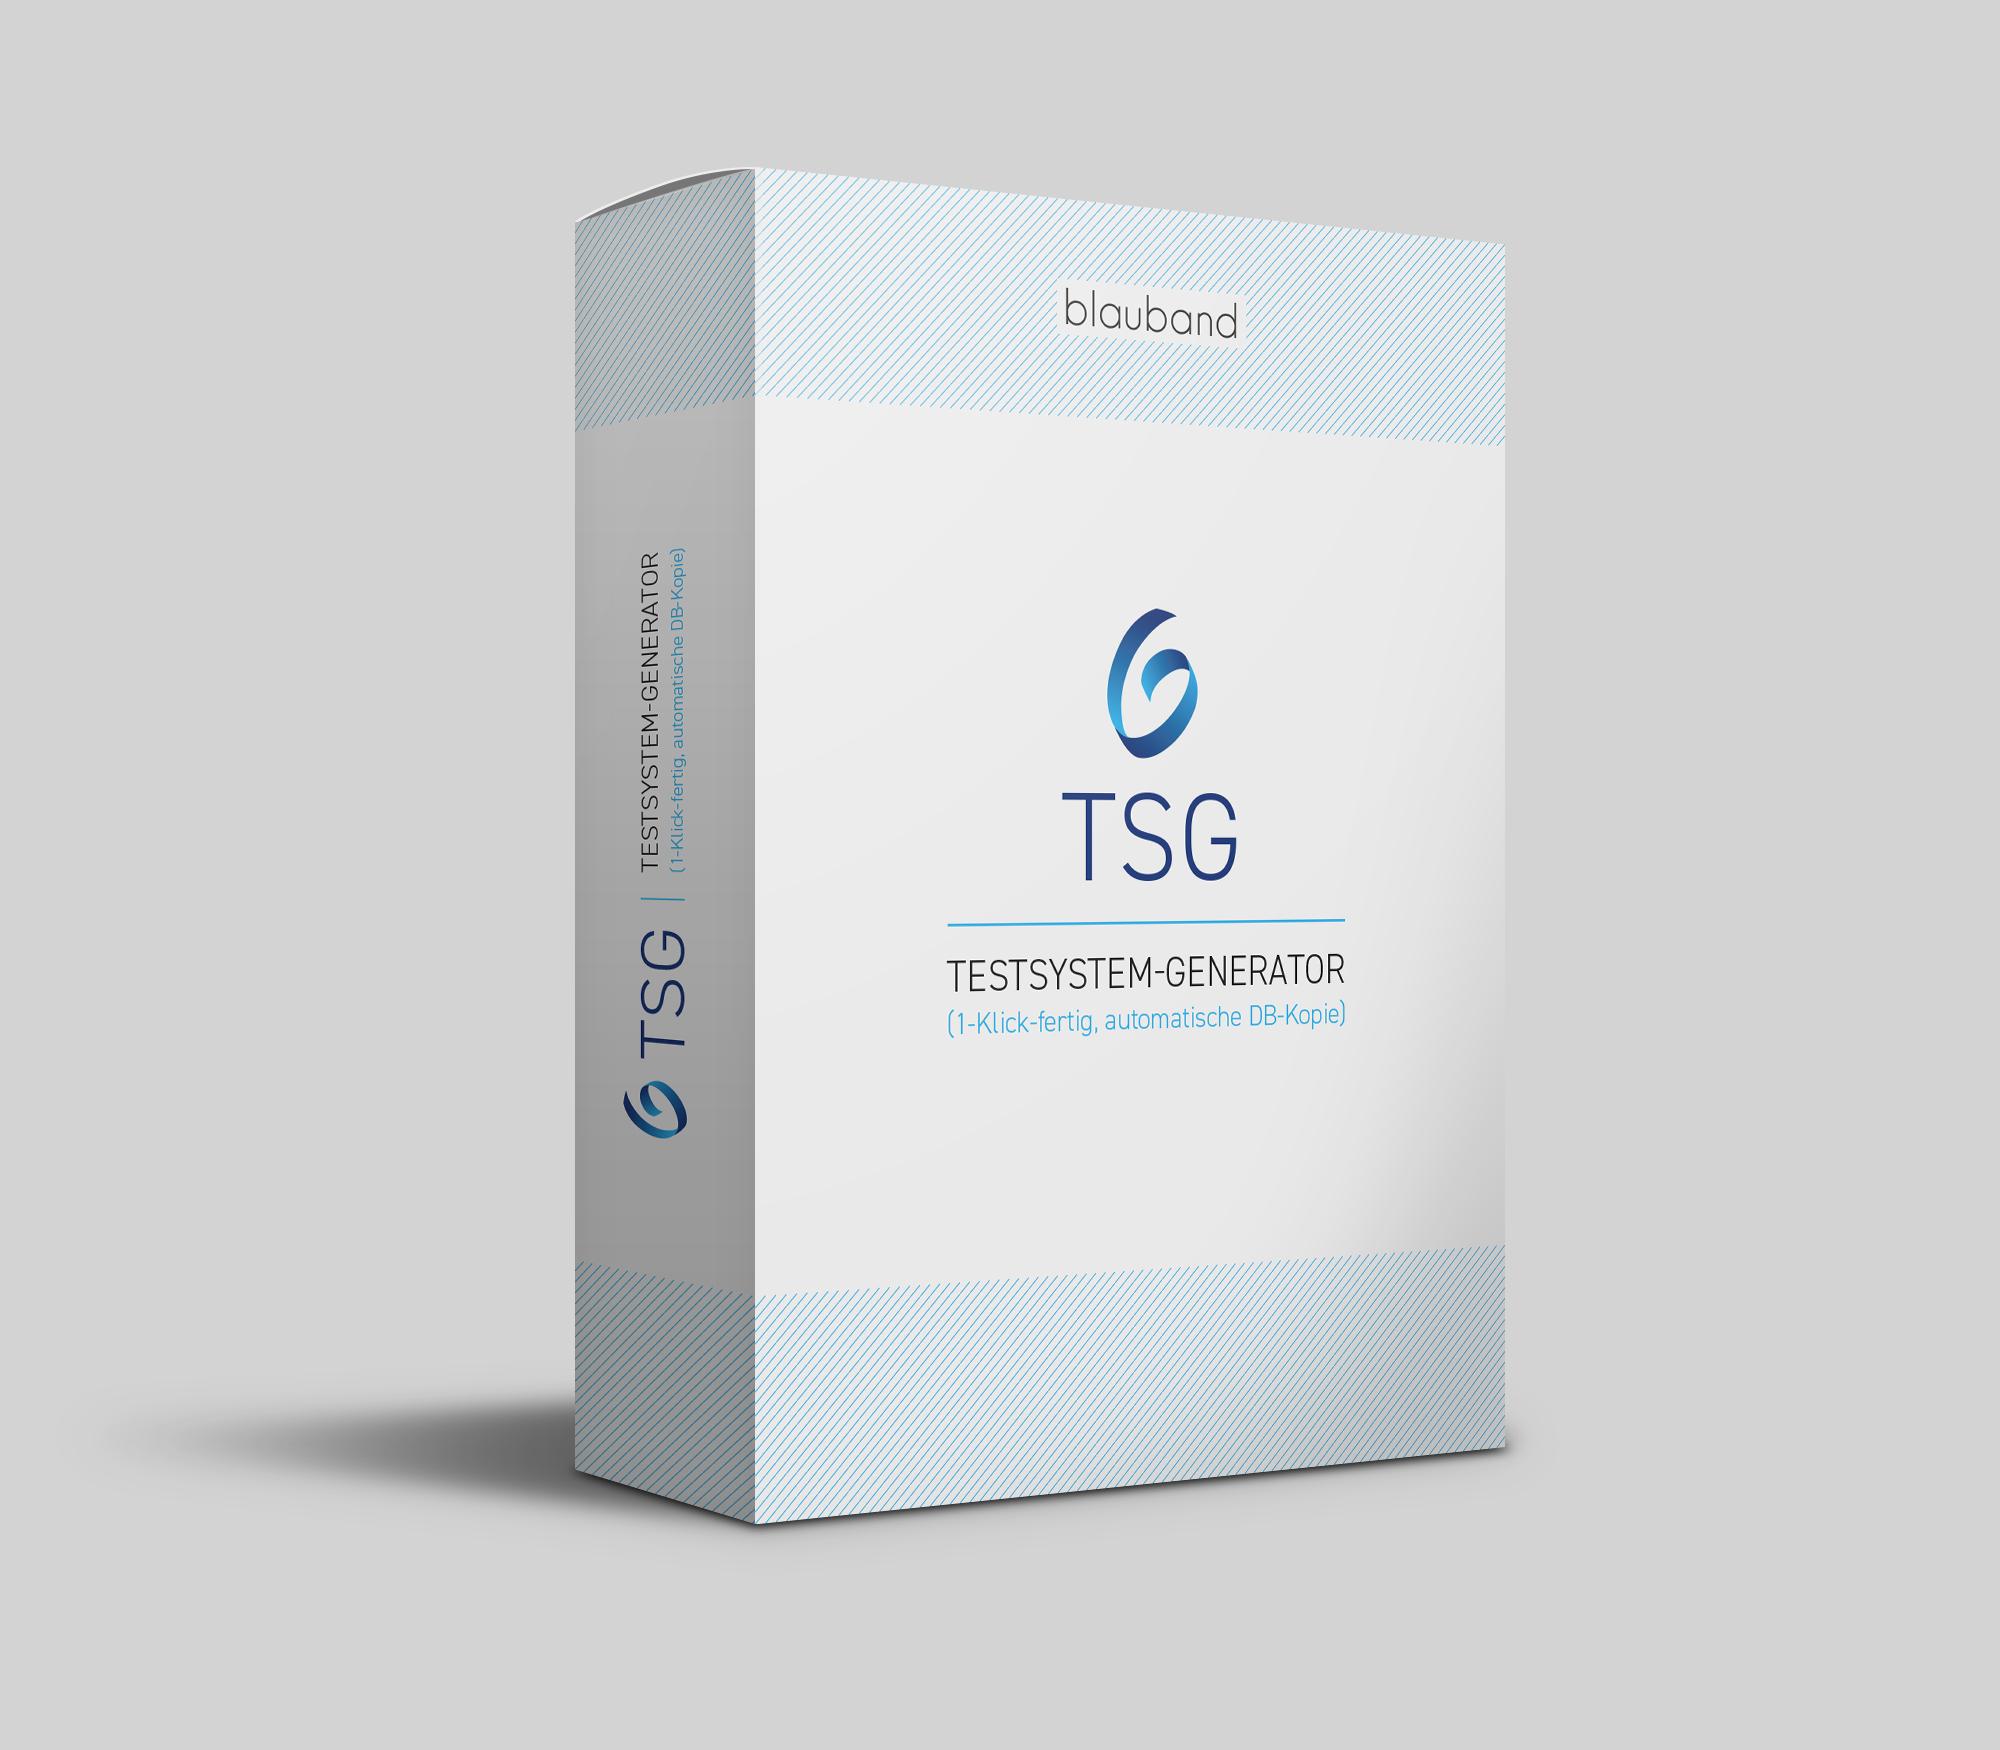 TSG_Produktbild_Neu.jpg